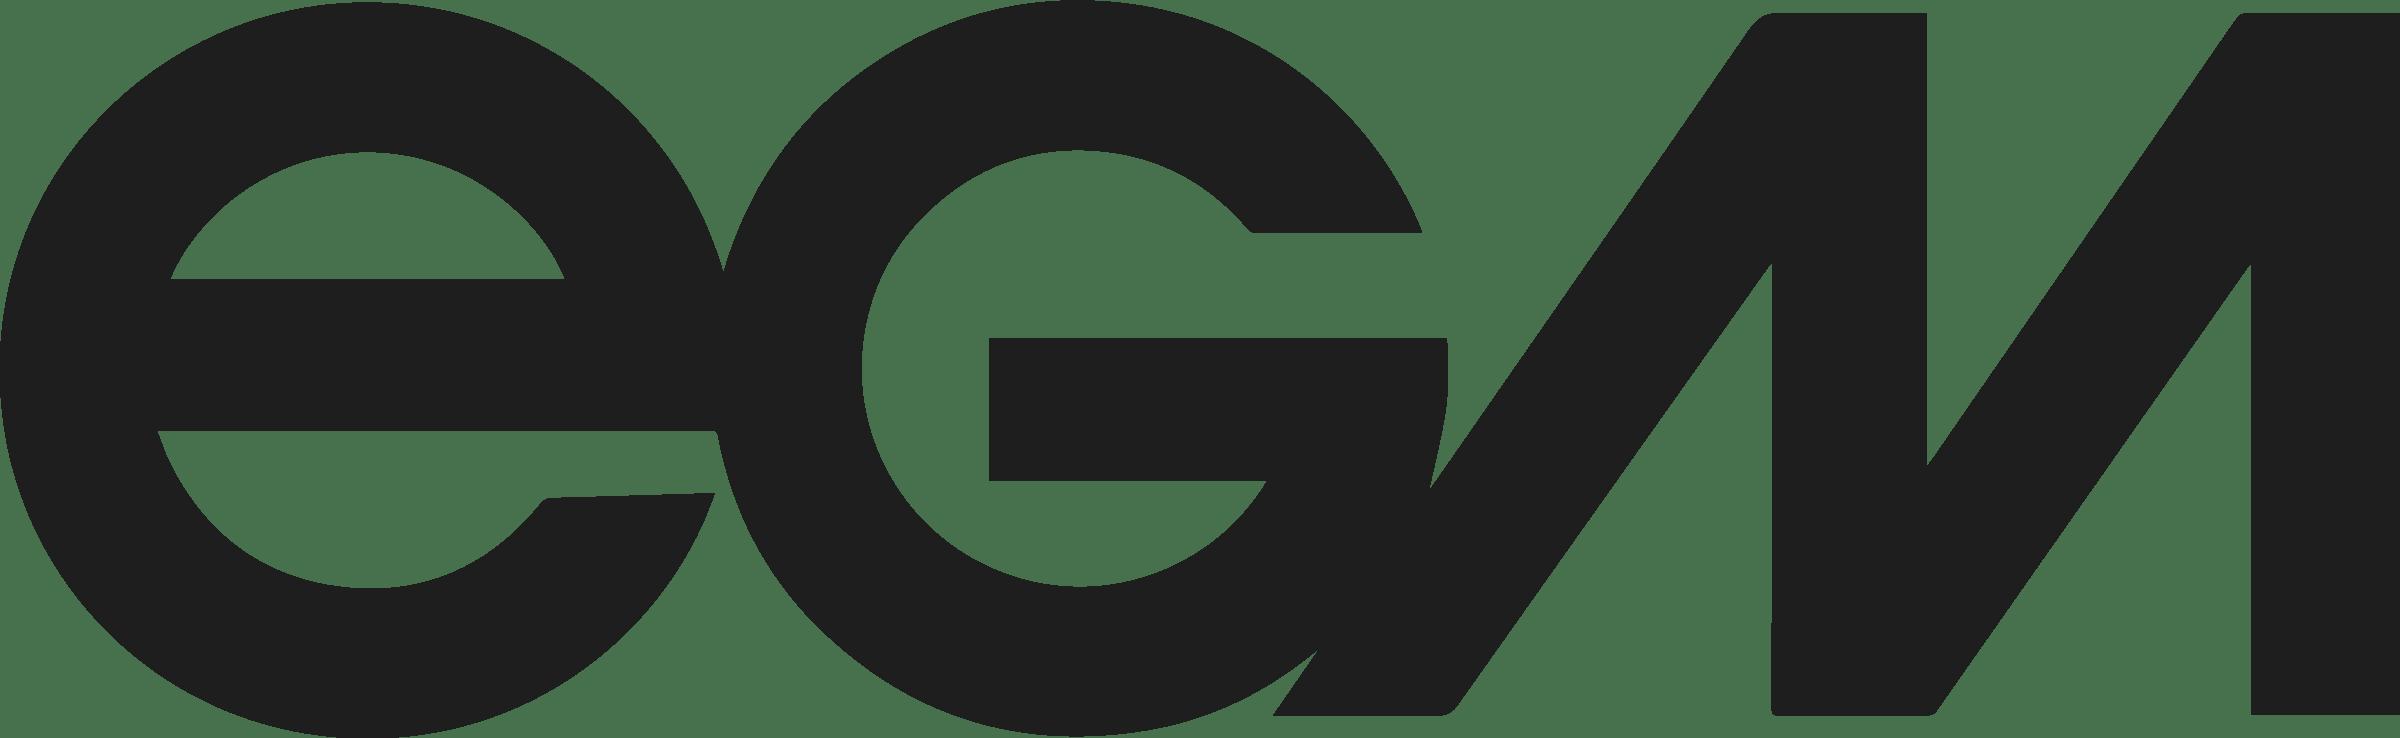 Seis años de evolución del EGM